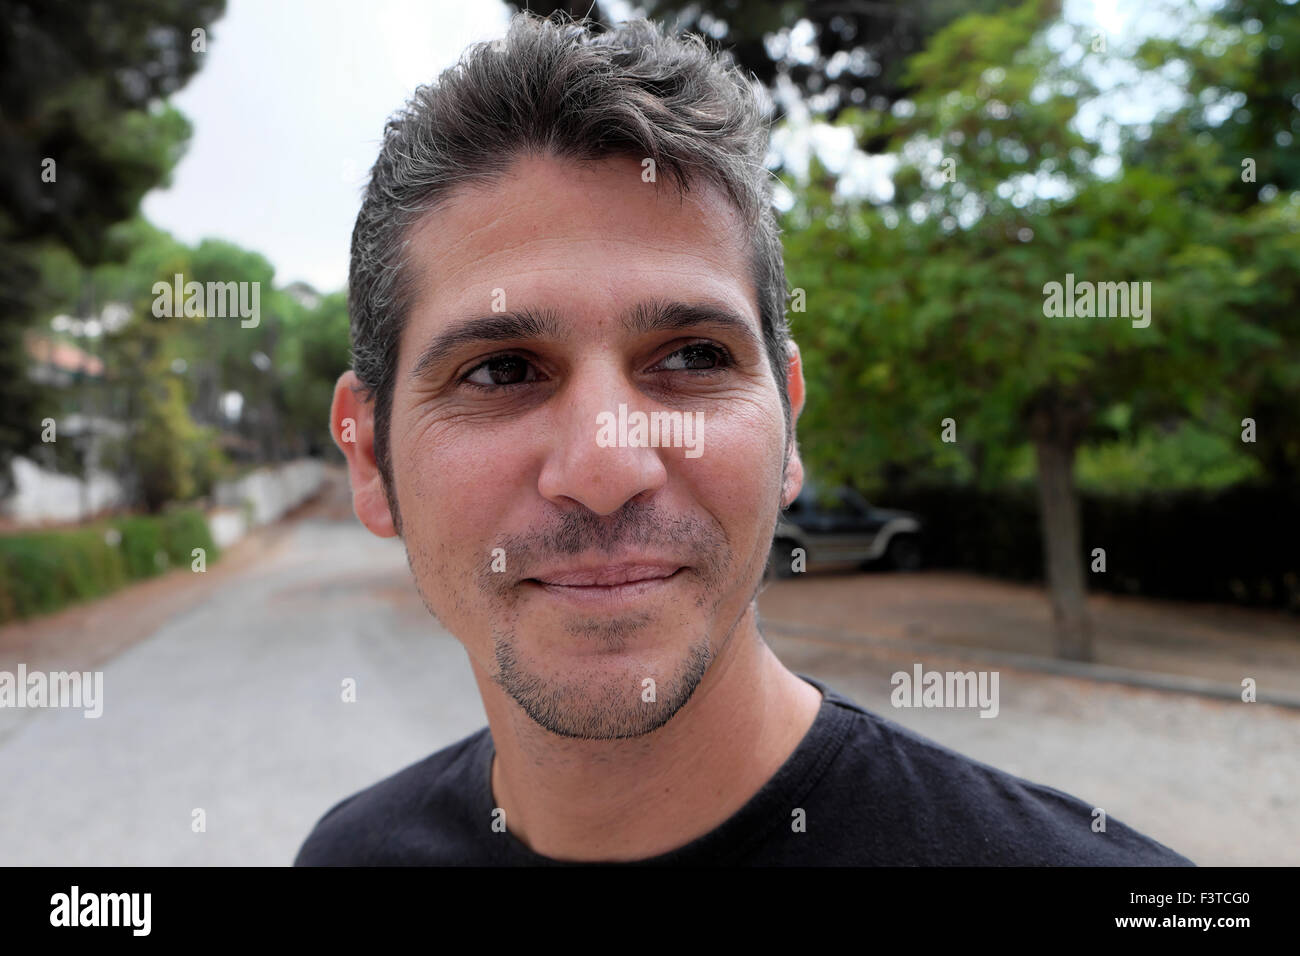 Ein hübscher zypriotischen Mann lächelnd draußen in Nord Zypern KATHY DEWITT Stockbild